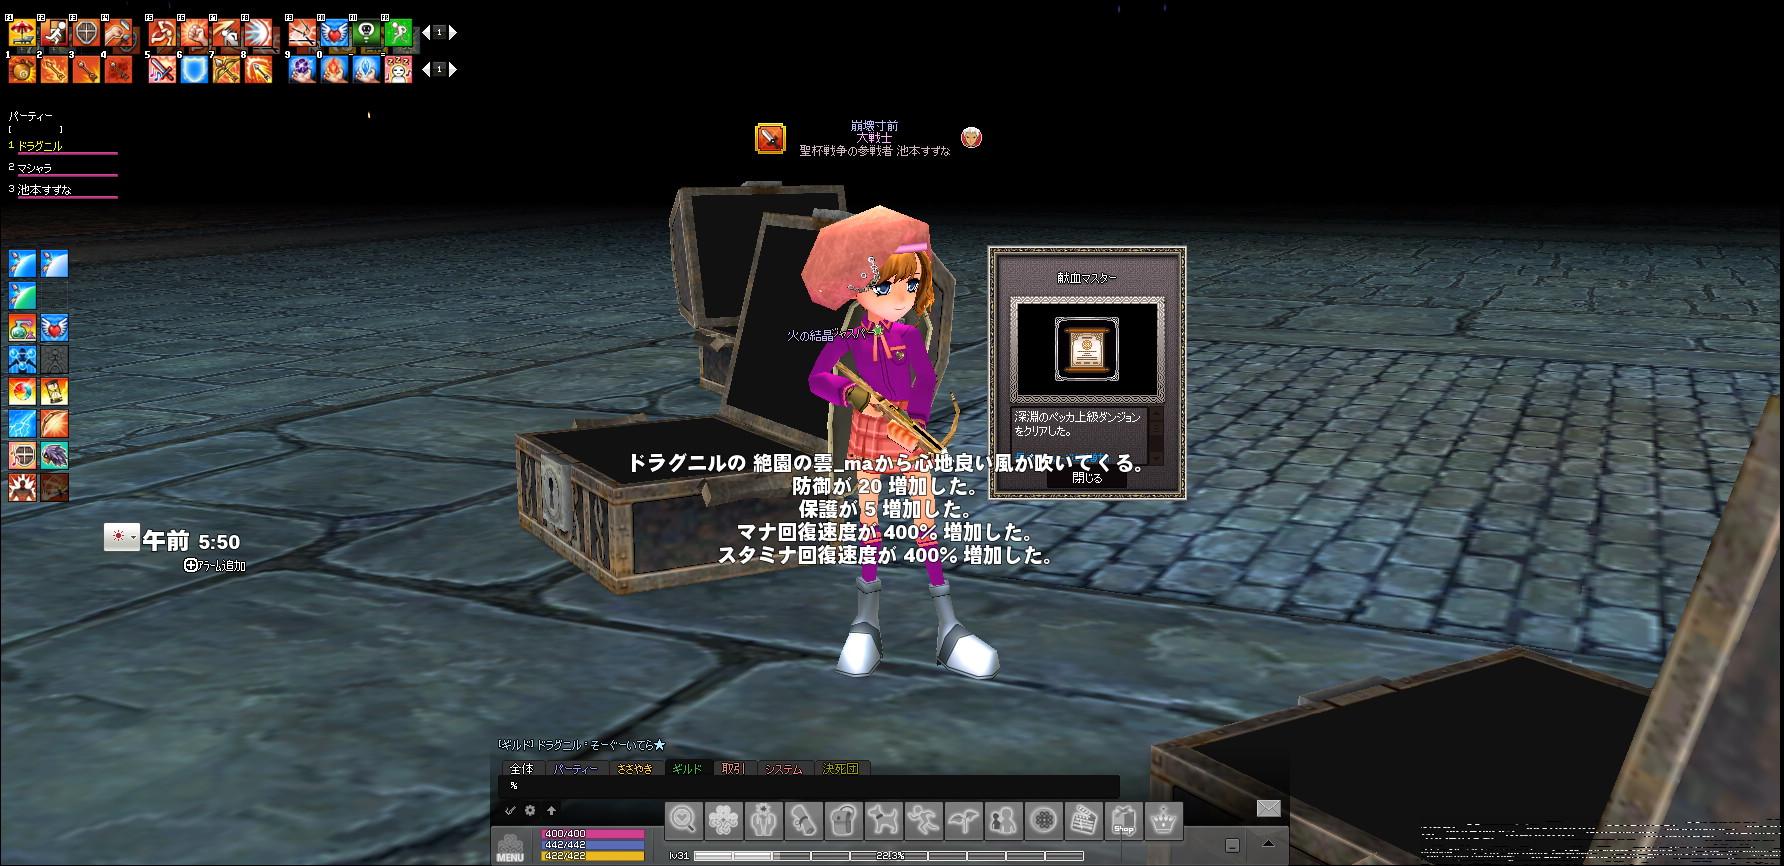 mabinogi_2016_03_20_001.jpg